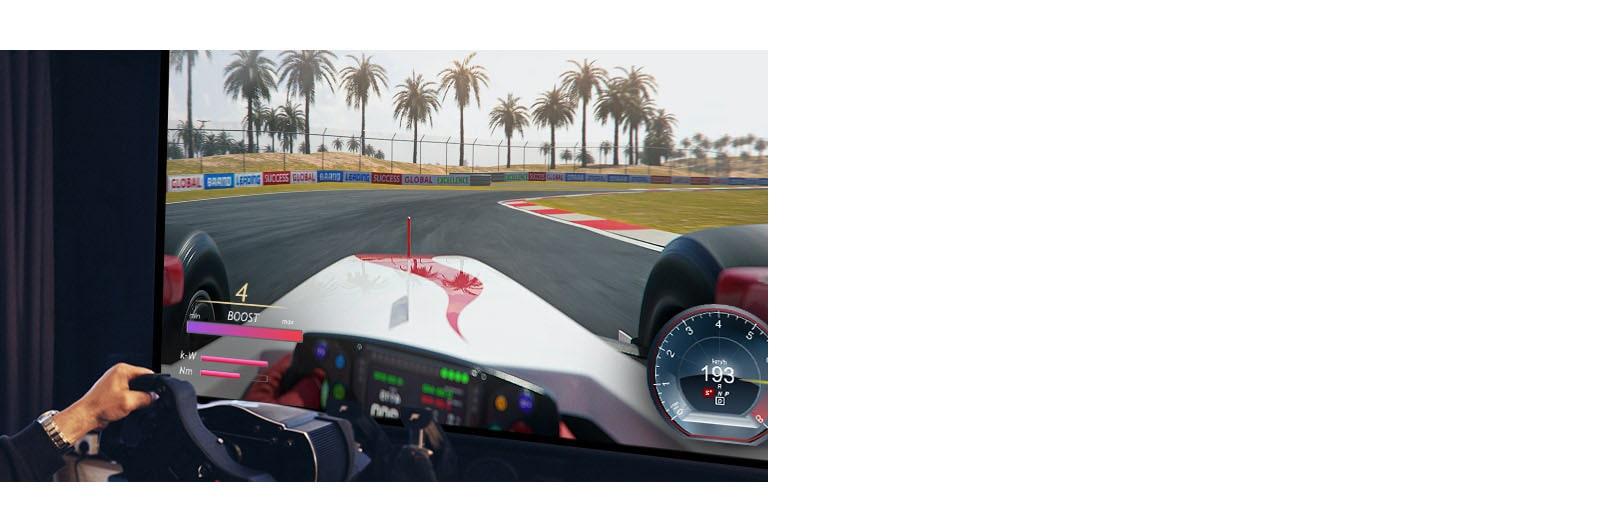 Крупный план игрока, держащего в руках руль и играющего на телевизоре в гонки.